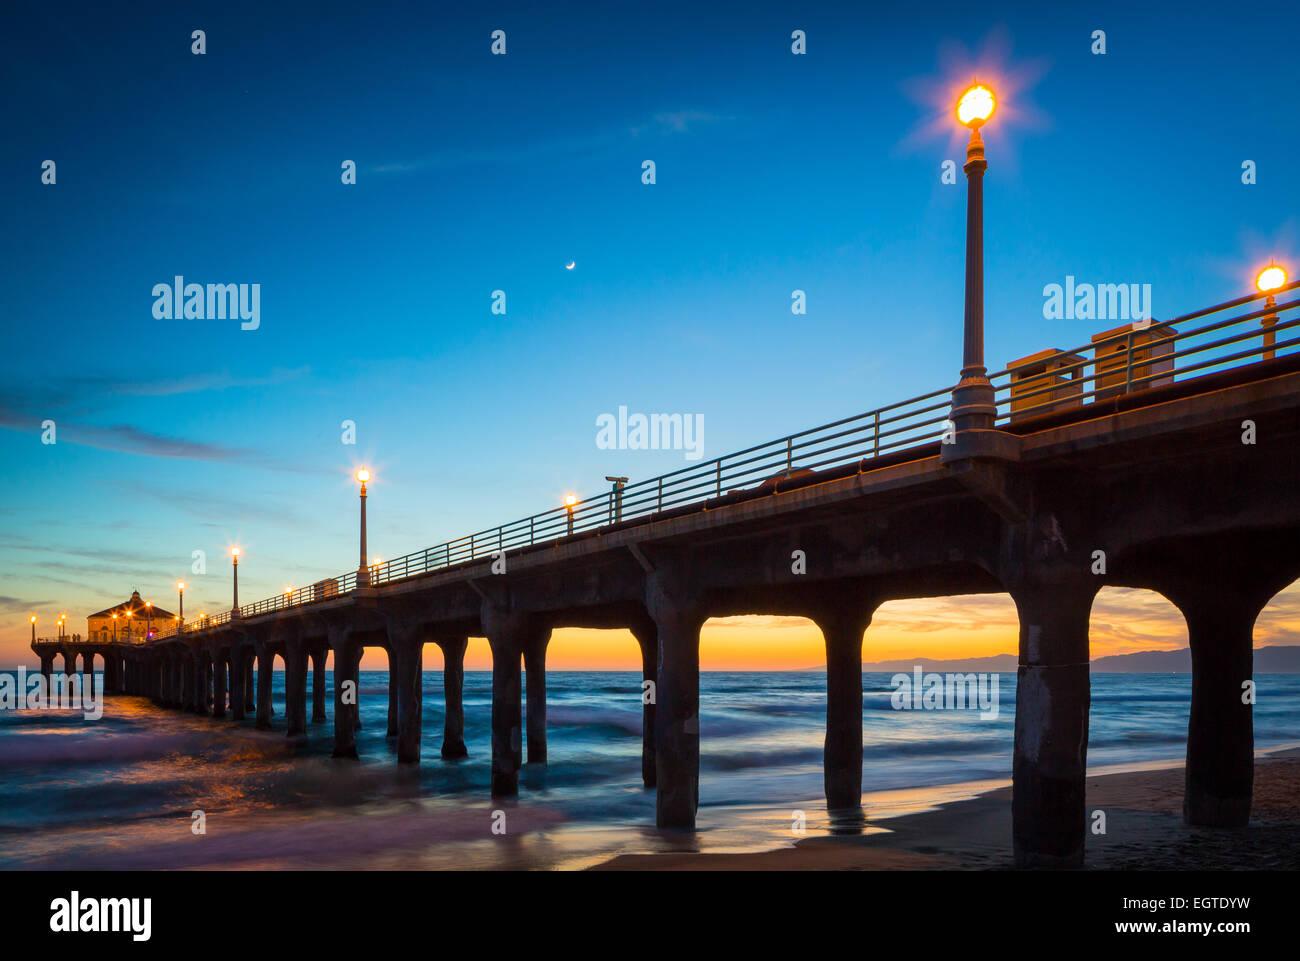 Il Porto di Manhattan è un molo situato a Manhattan Beach in California, sulla costa dell'Oceano Pacifico. Foto Stock